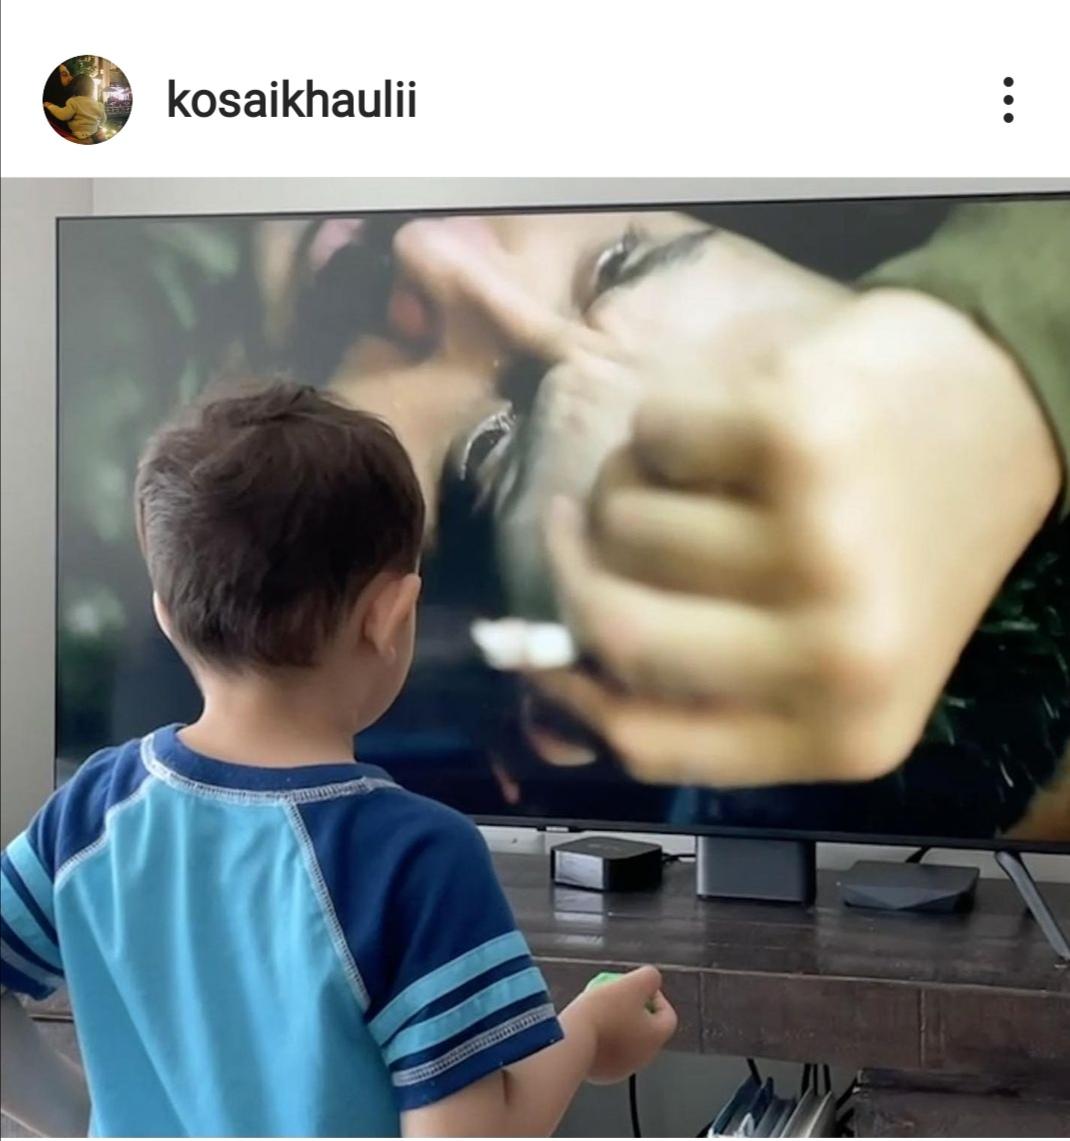 العميد ابن قصي خولي يقلد والده أمام شاشة التلفزيون. الصورة من حساب قصي خولي على إنستغرام